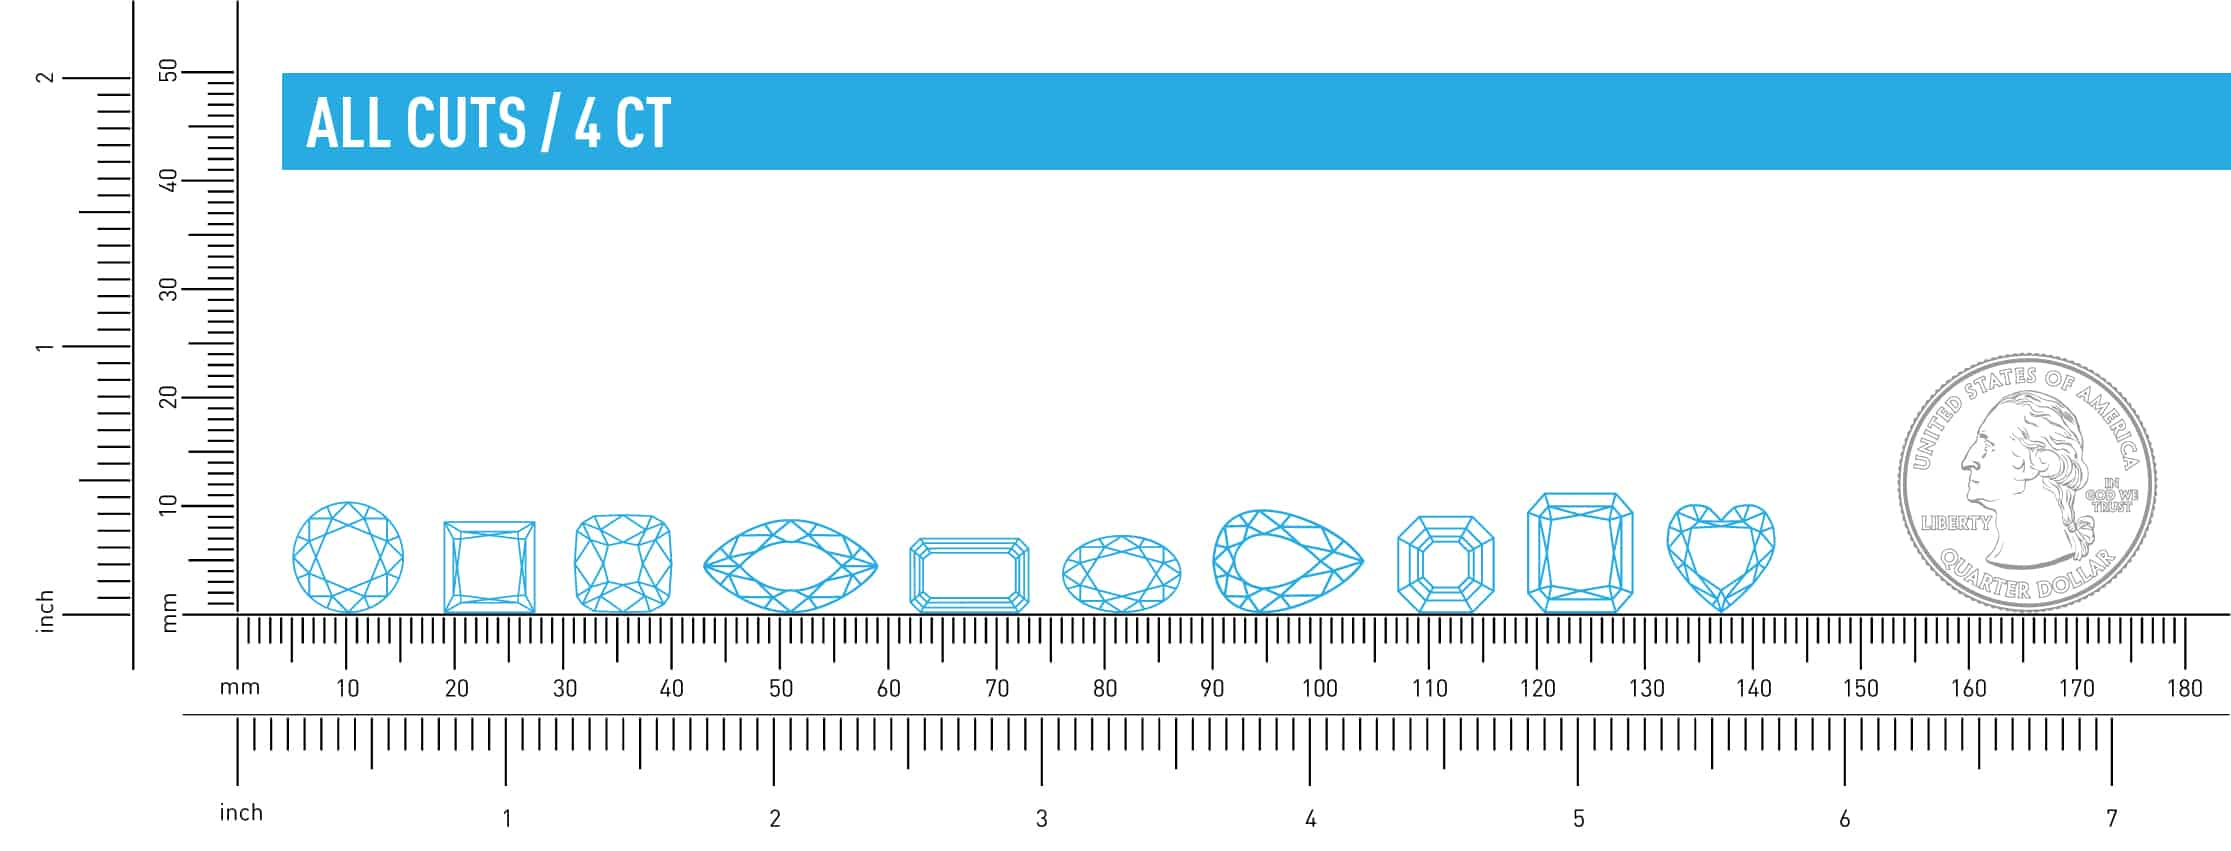 All cuts size comparison 4ct